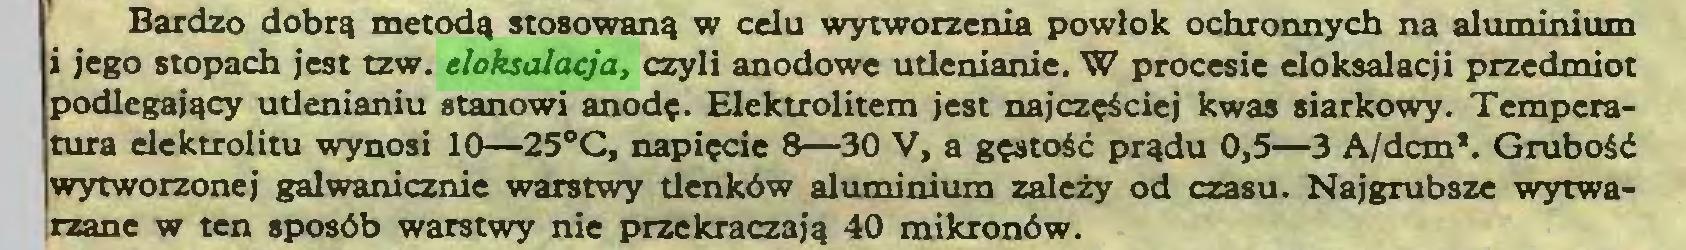 (...) Bardzo dobrą metodą stosowaną w celu wytworzenia powłok ochronnych na aluminium i jego stopach jest tzw. eloksalacja, czyli anodowe utlenianie. W procesie eloksalacji przedmiot podlegający utlenianiu stanowi anodę. Elektrolitem jest najczęściej kwas siarkowy. Temperatura elektrolitu wynosi 10—25°C, napięcie 8—30 V, a gęstość prądu 0,5—3 A/dcm*. Grubość wytworzonej galwanicznie warstwy tlenków aluminium zależy od czasu. Najgrubsze wytwarzane w ten sposób warstwy nie przekraczają 40 mikronów...